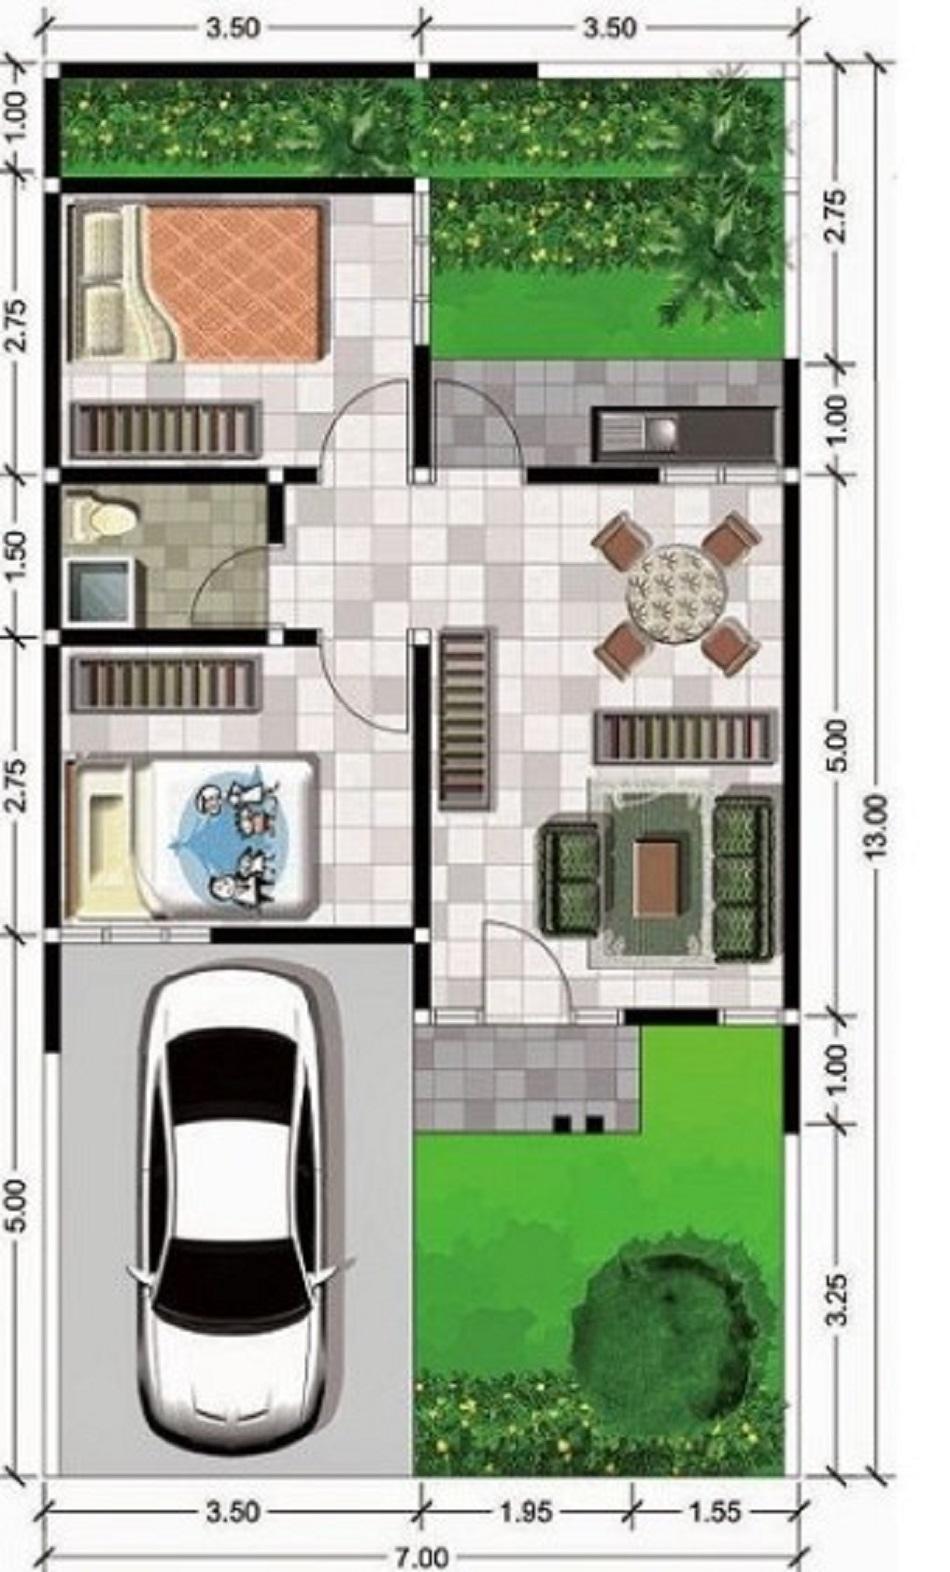 80 Koleksi Contoh Gambar Rumah Ukuran 6x9 Terbaik